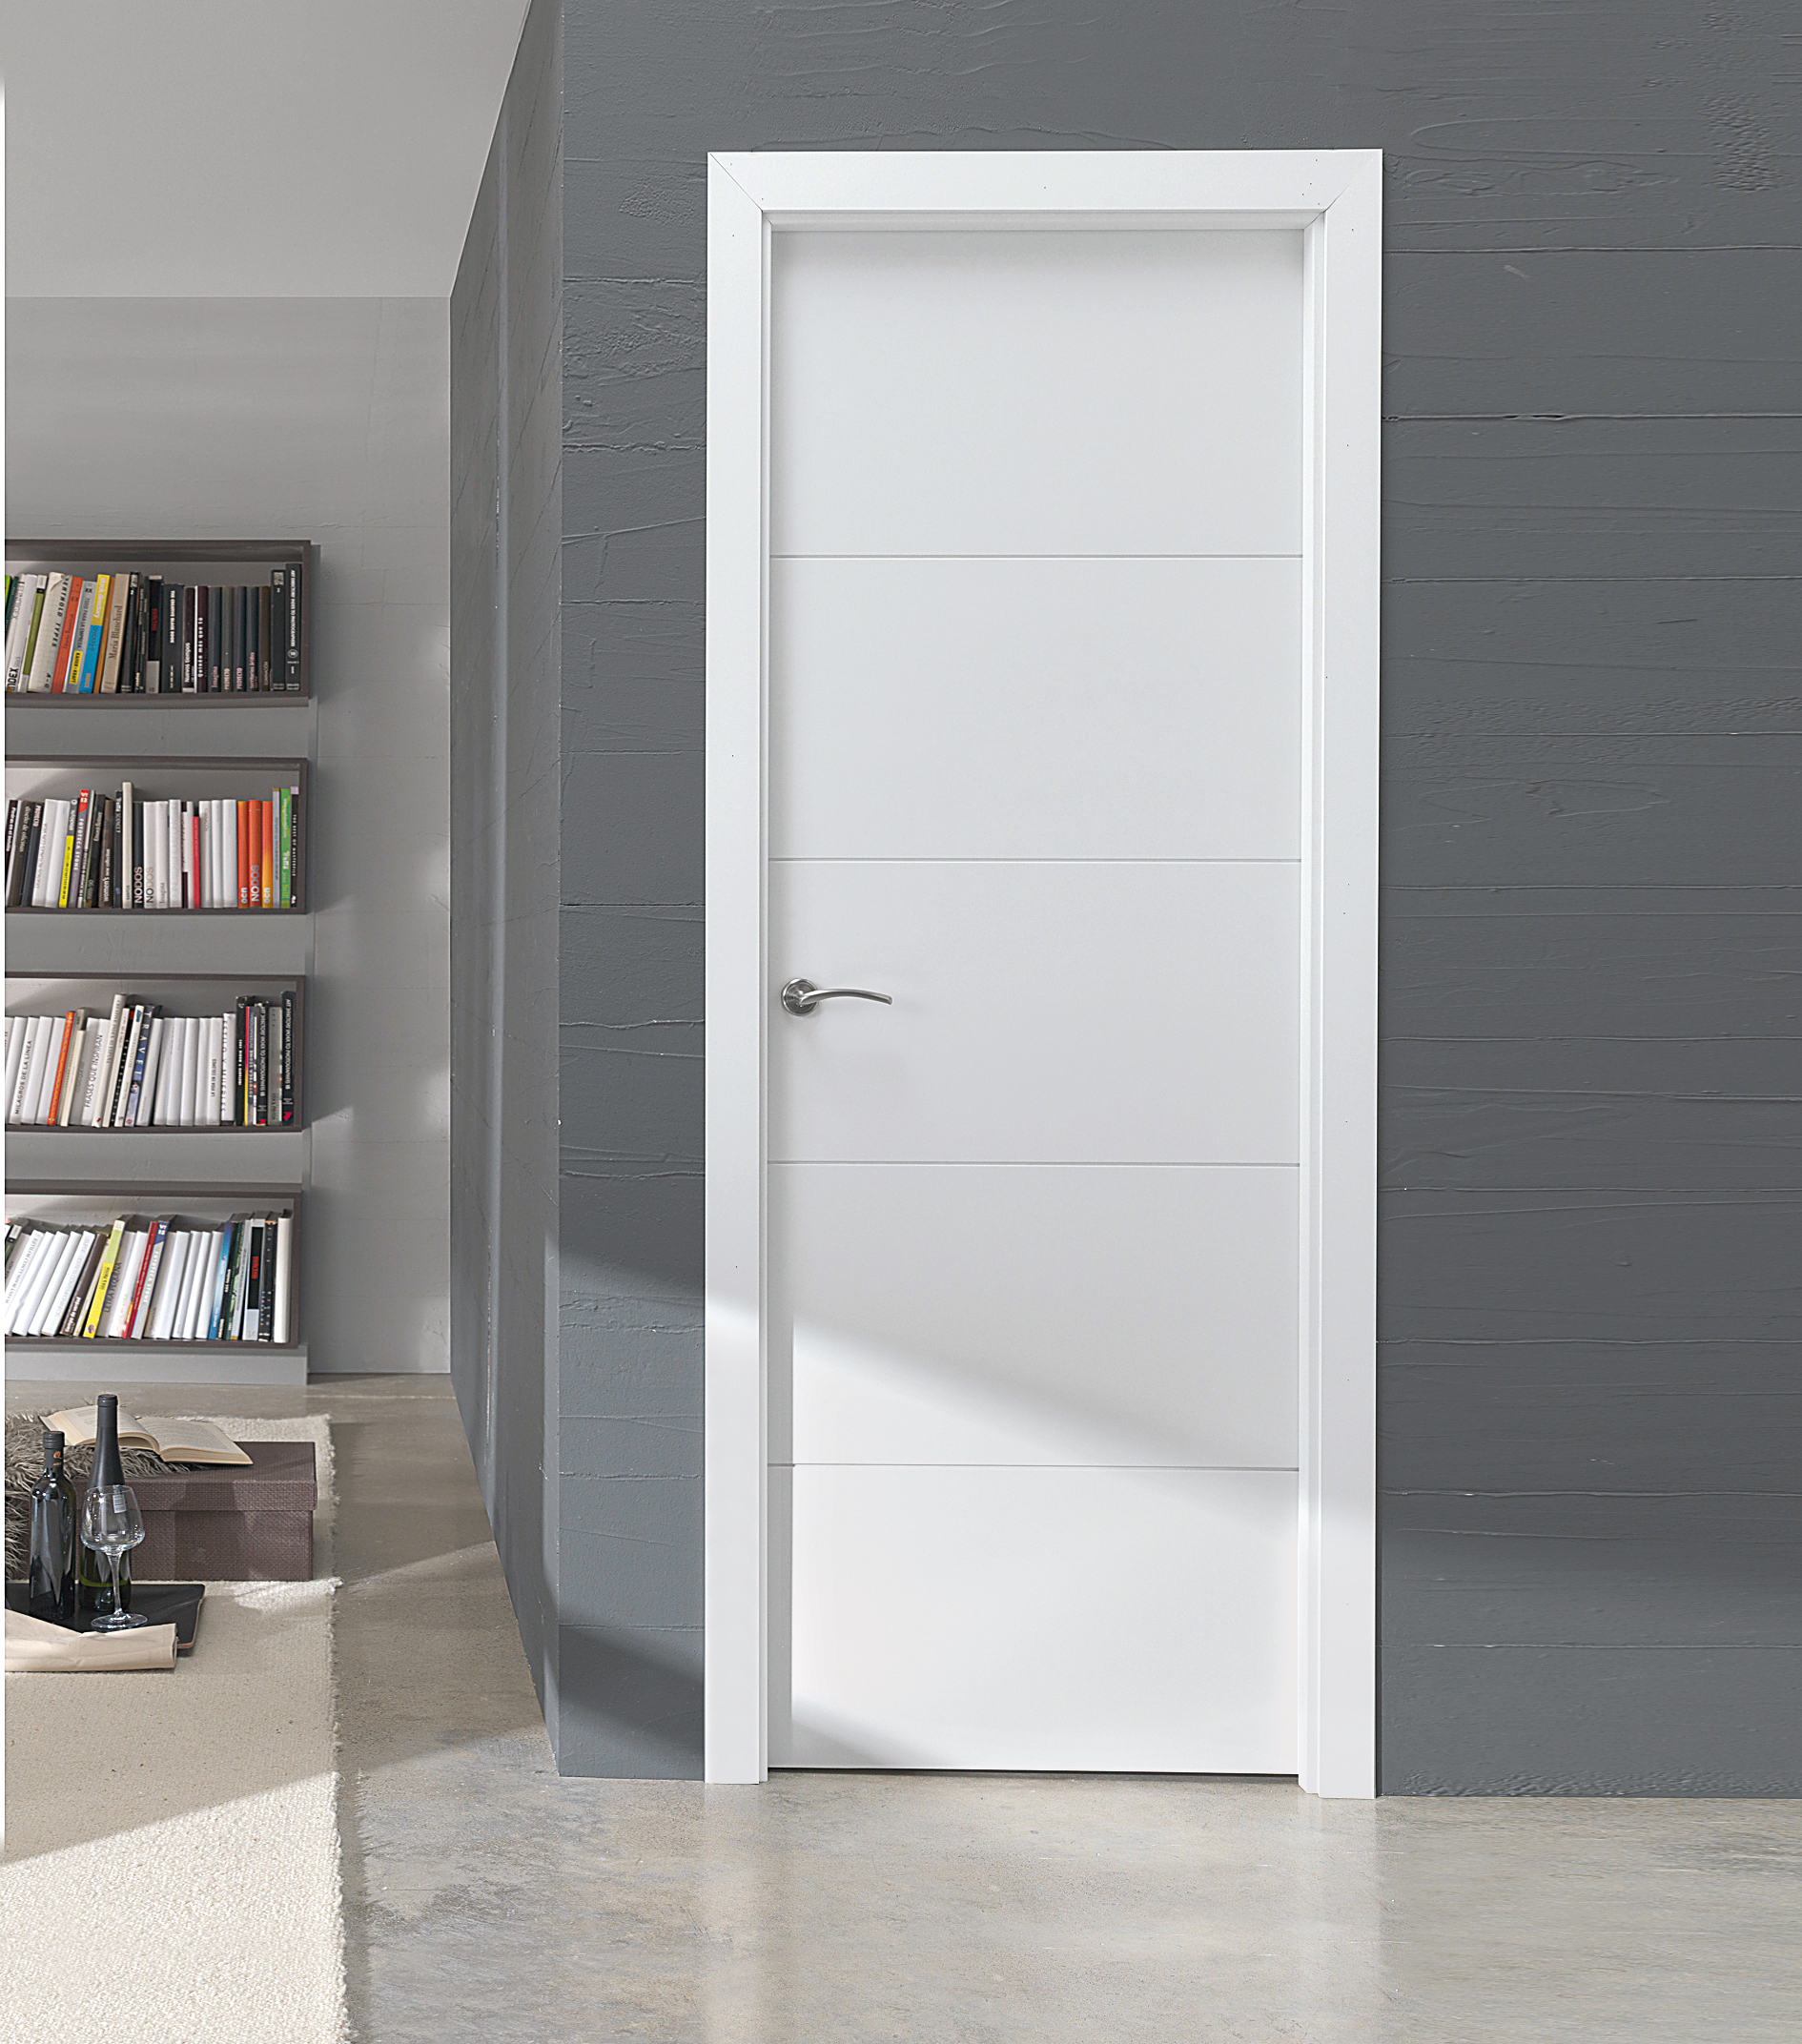 Puertas de interior modernas y decorativas - Puertas para chimeneas leroy merlin ...